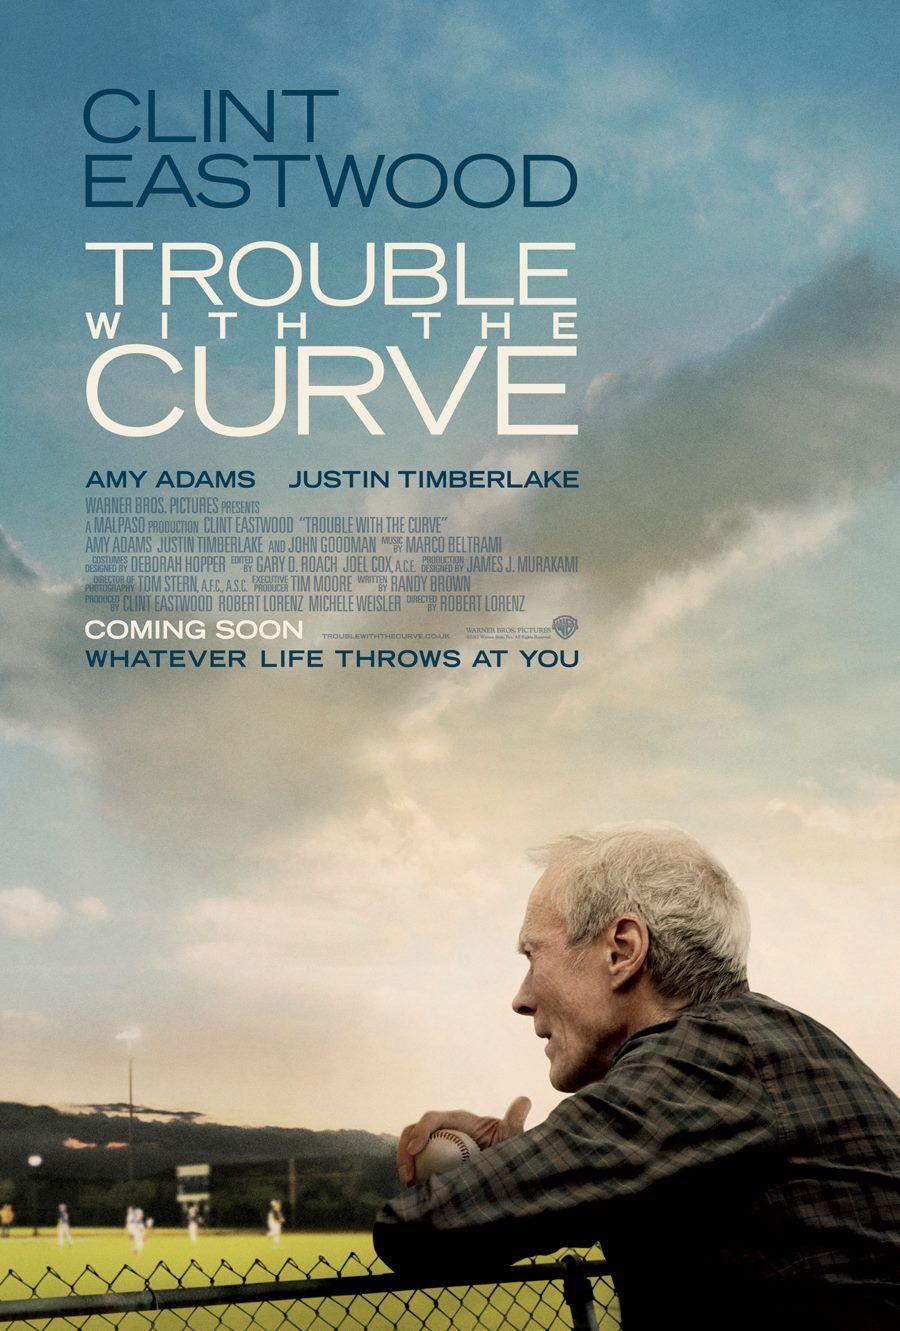 affiches de film clint eastwodd   Mots clés : Amy Adams , Clint Eastwood , Trouble with the Curve .